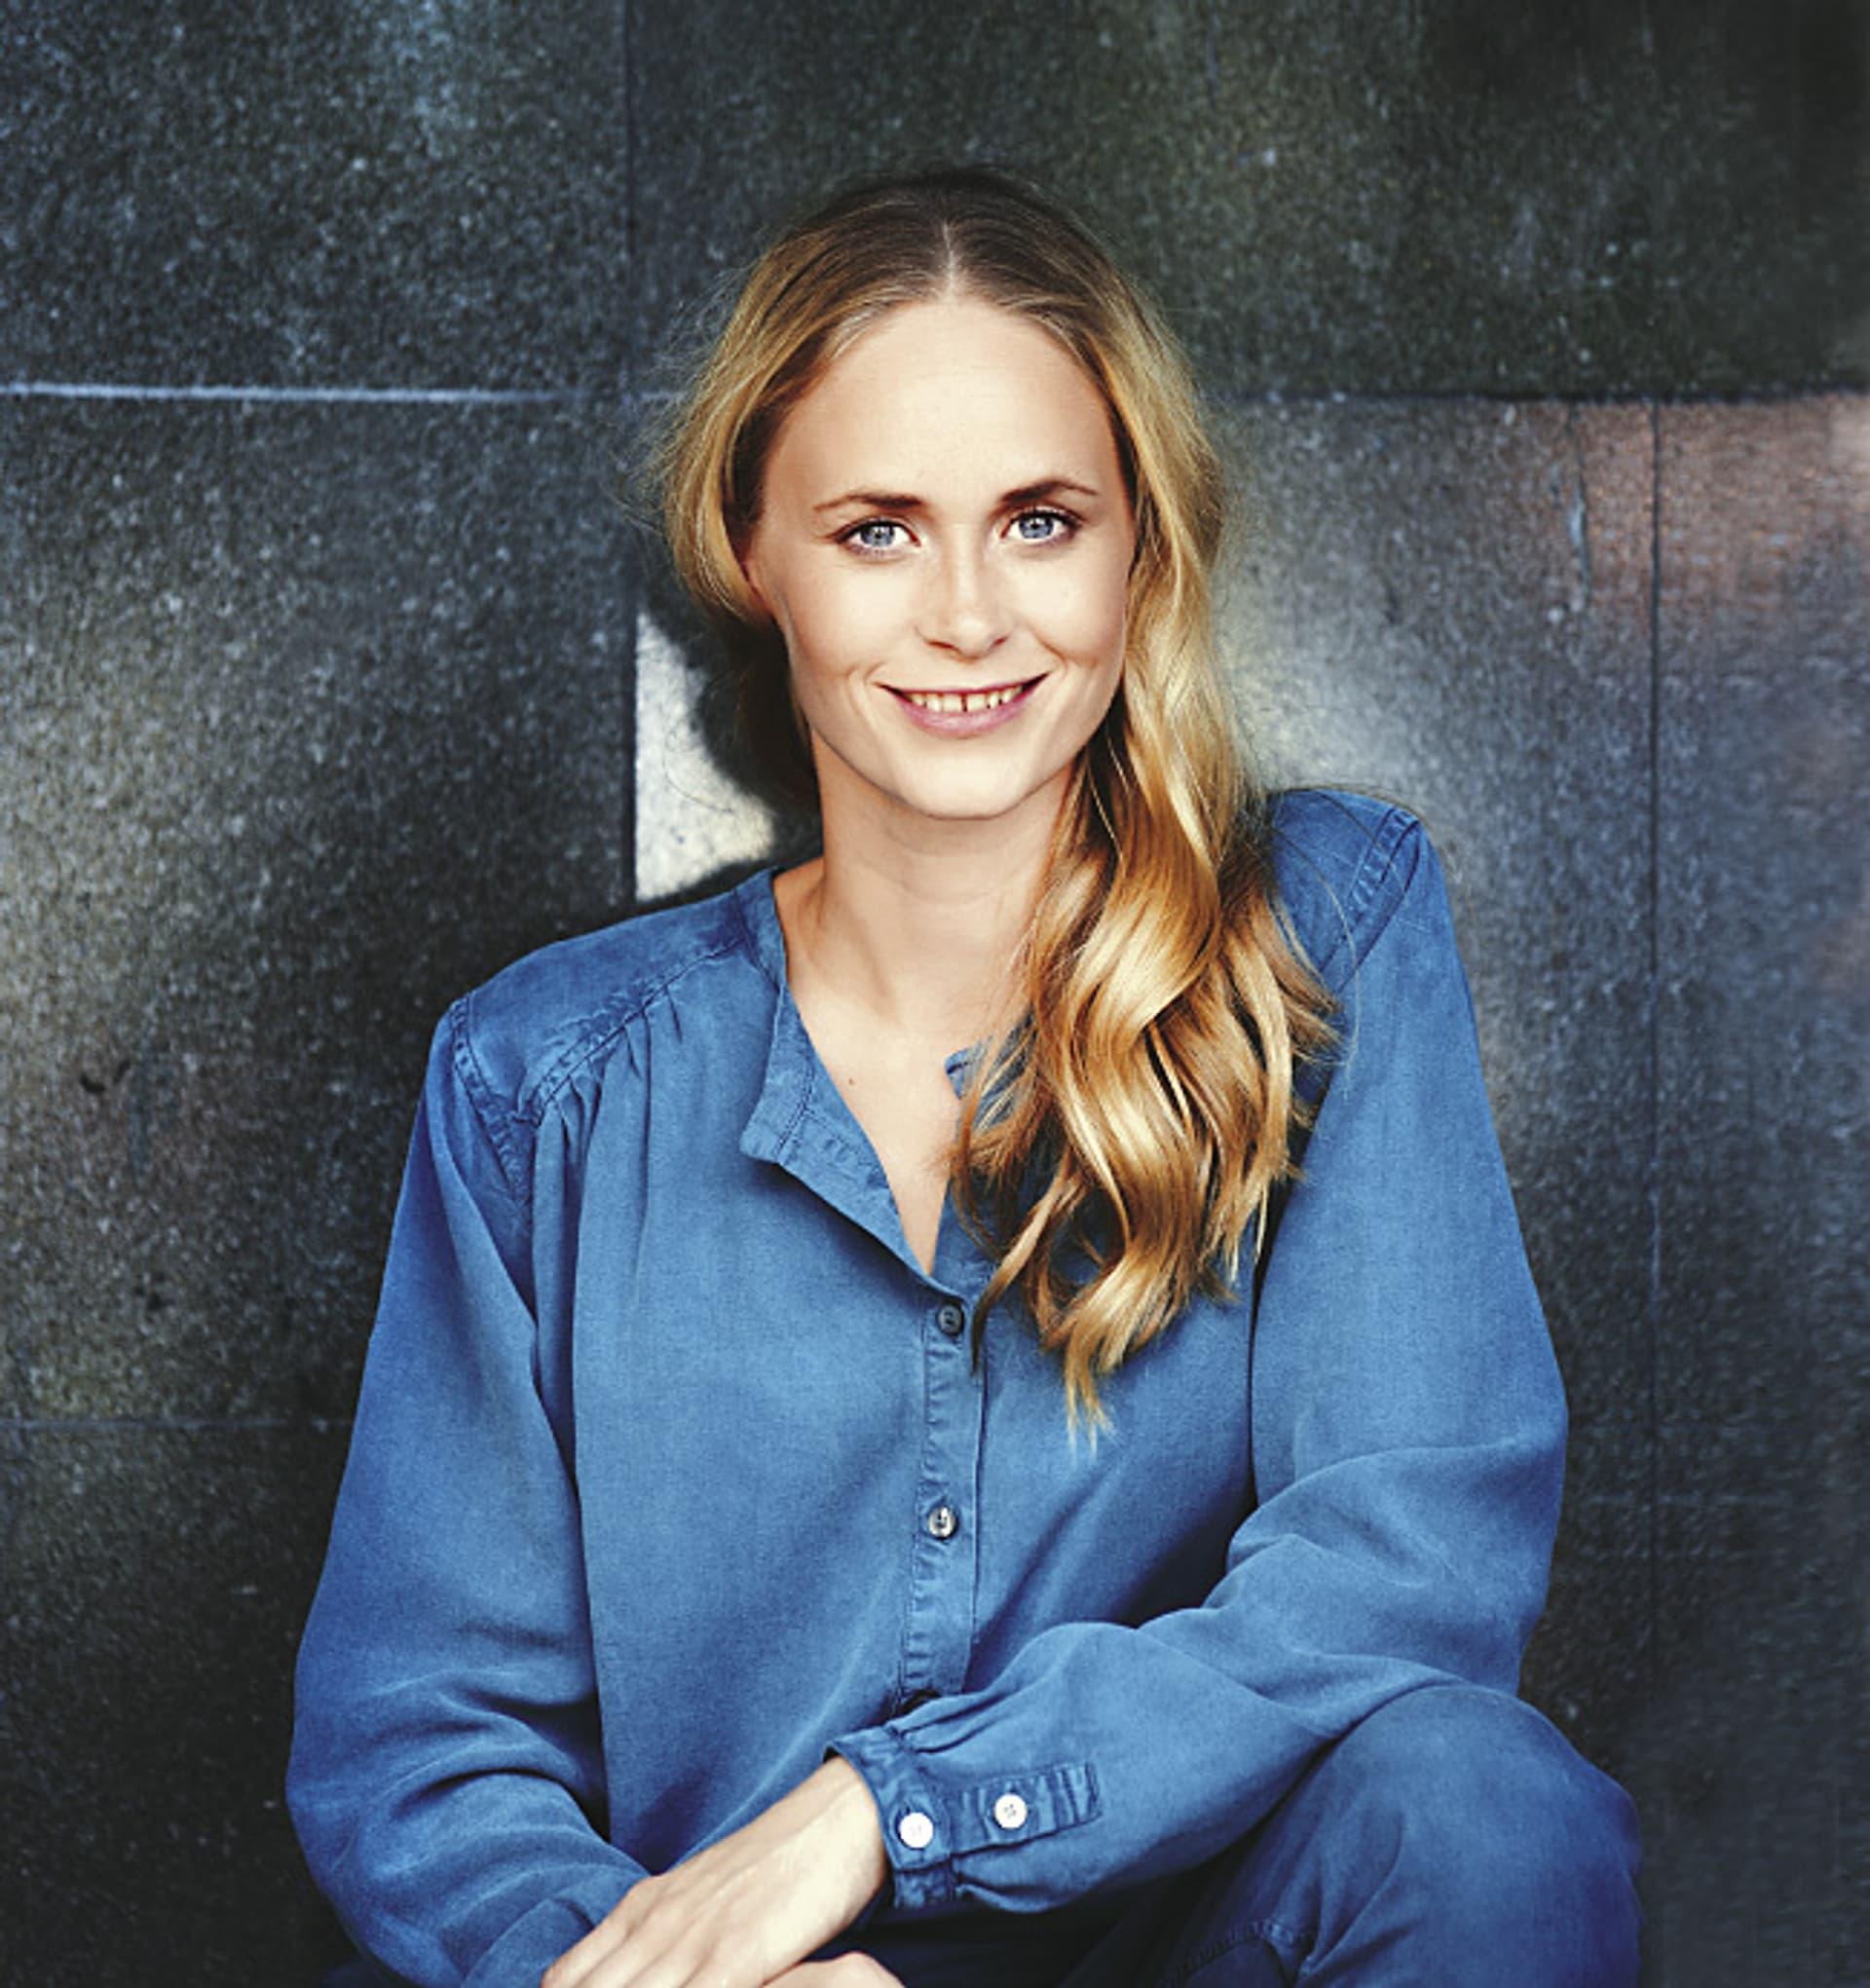 Die Schauspielerin Inez Bjørg David trägt ein blaues Jeanshemd und hat langen, blonden Haare, sie lächelt in die Kamera